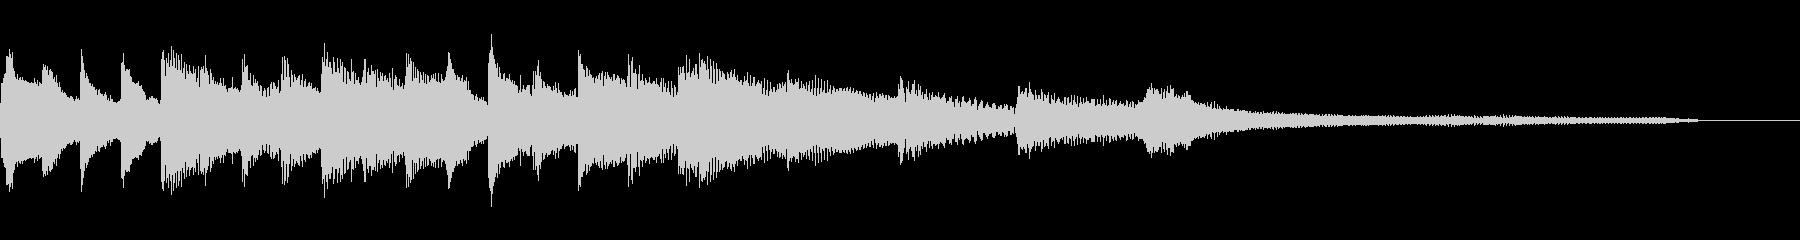 優しい柔らかいピアノのジングルの未再生の波形